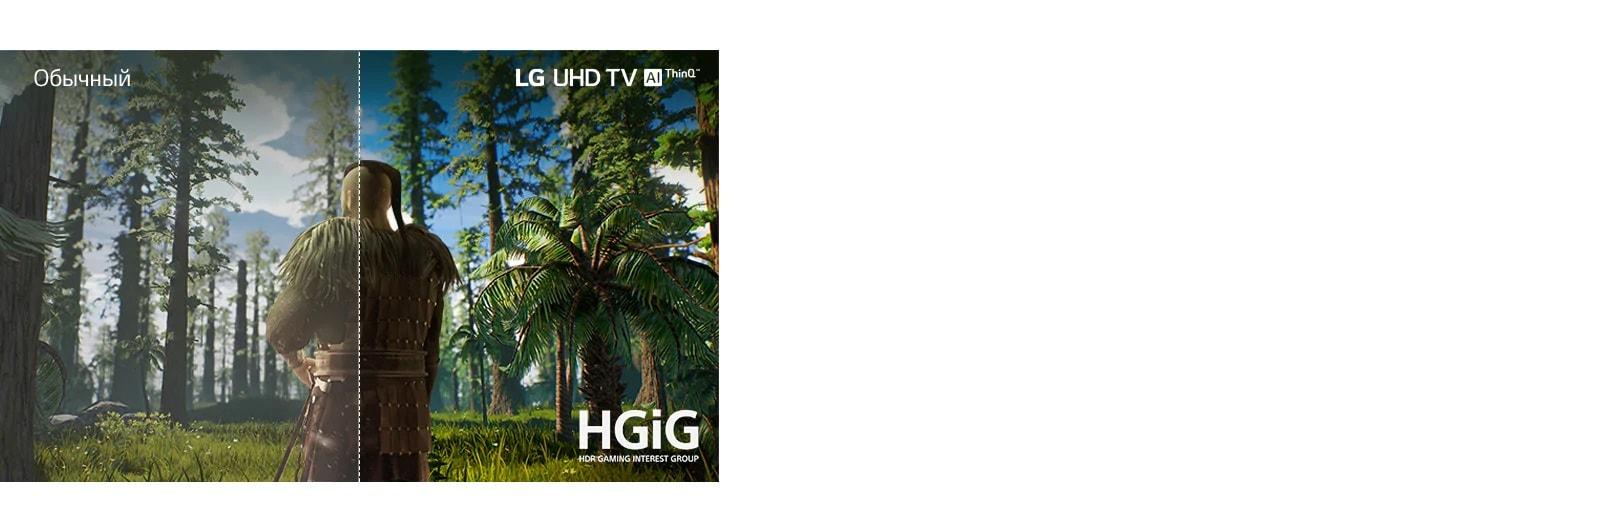 На экране телевизора показана сцена из игры, где человек стоит посреди леса. Половина картинки показана на обычном телевизоре с плохим качеством. Другая половина – четкая, живая, с качеством LG UHD.